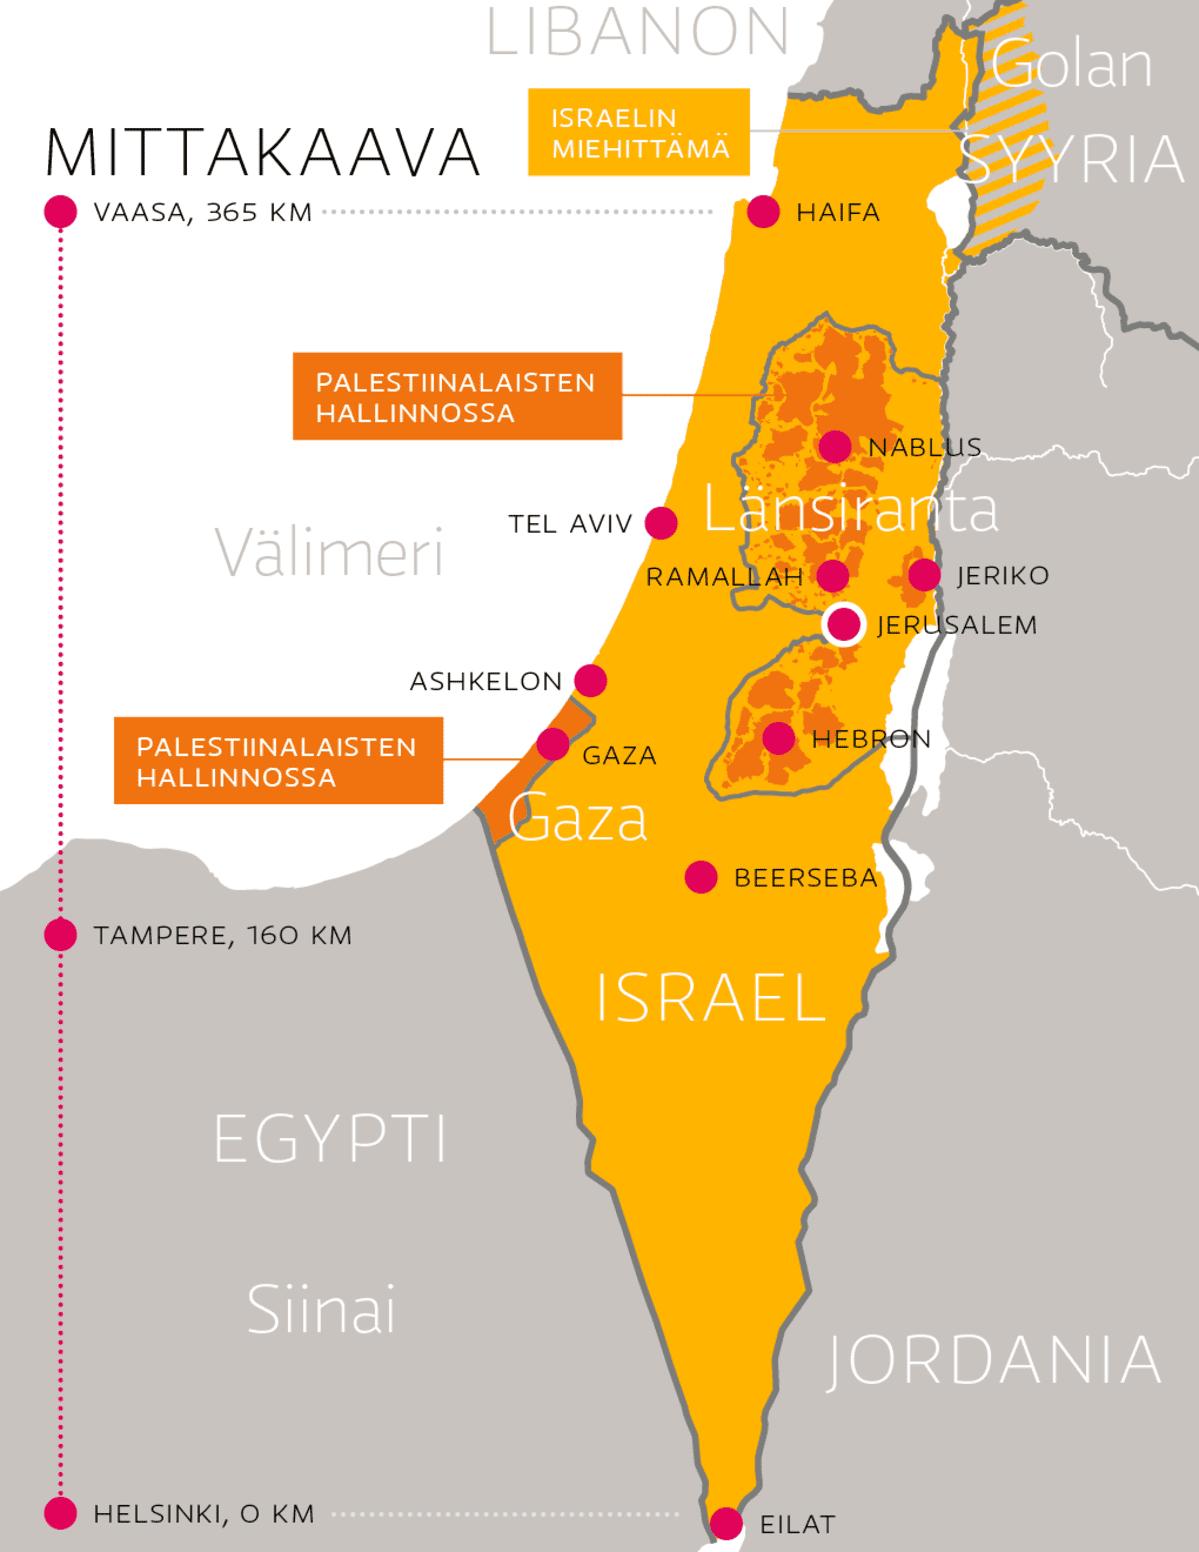 Neuvotteluja Jo Yli 20 Vuotta Mika Israelin Ja Palestiinalaisten